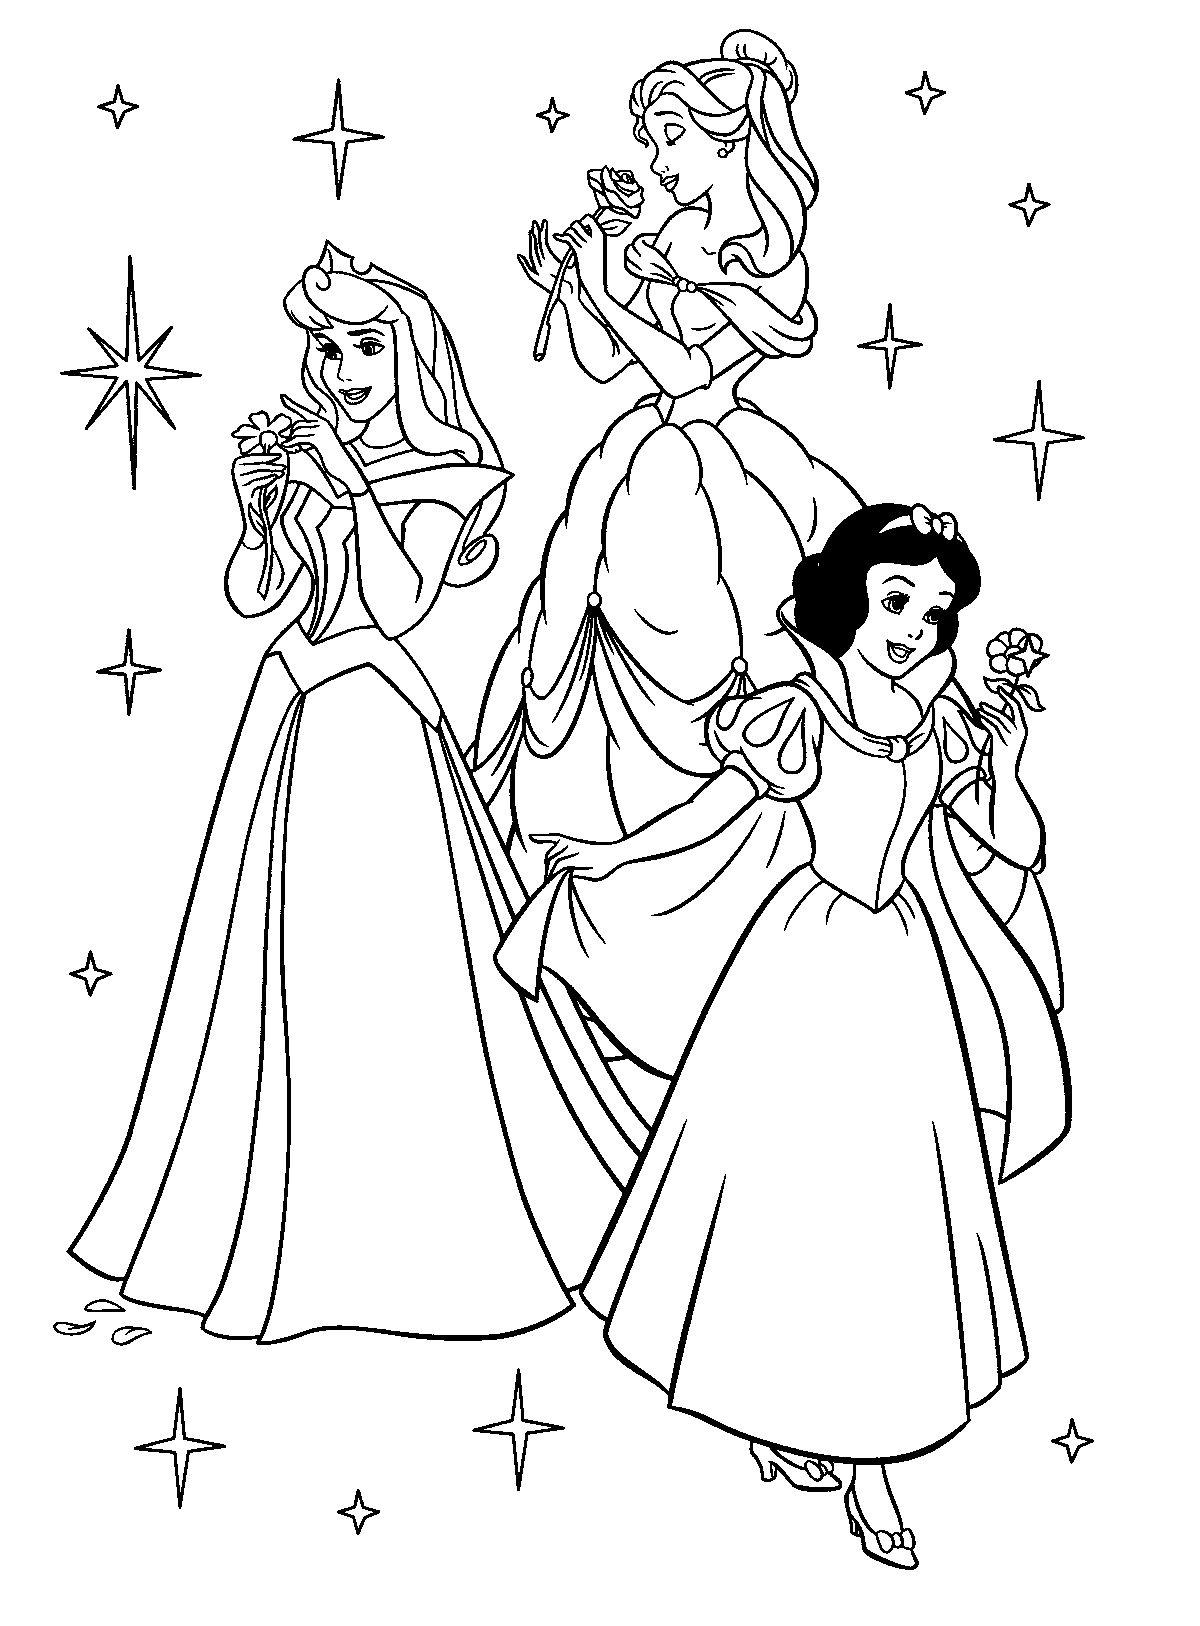 Pim Pom Resources And Information Kleurplaten Disney Kleurplaten Disney Prinsessen